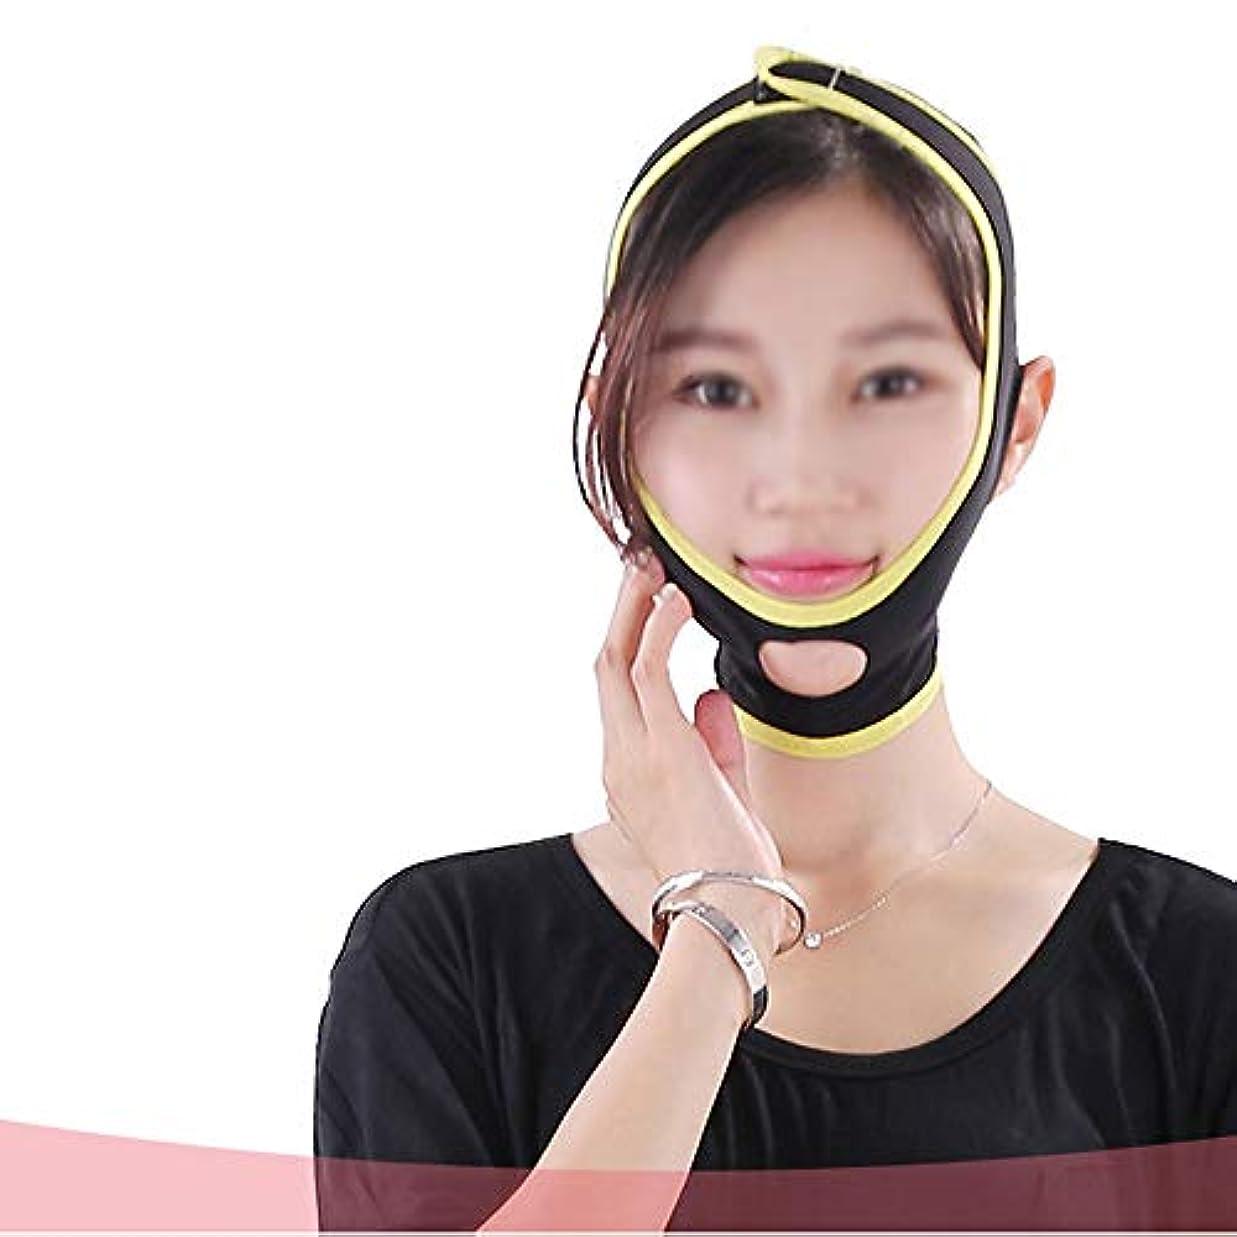 工業化する音声学宣言するTLMY 薄い顔包帯通気性睡眠小さいVフェイスマスクリフティング引き締め肌アーティファクトは二重あご顔の減量包帯を減らす 顔用整形マスク (Size : L)